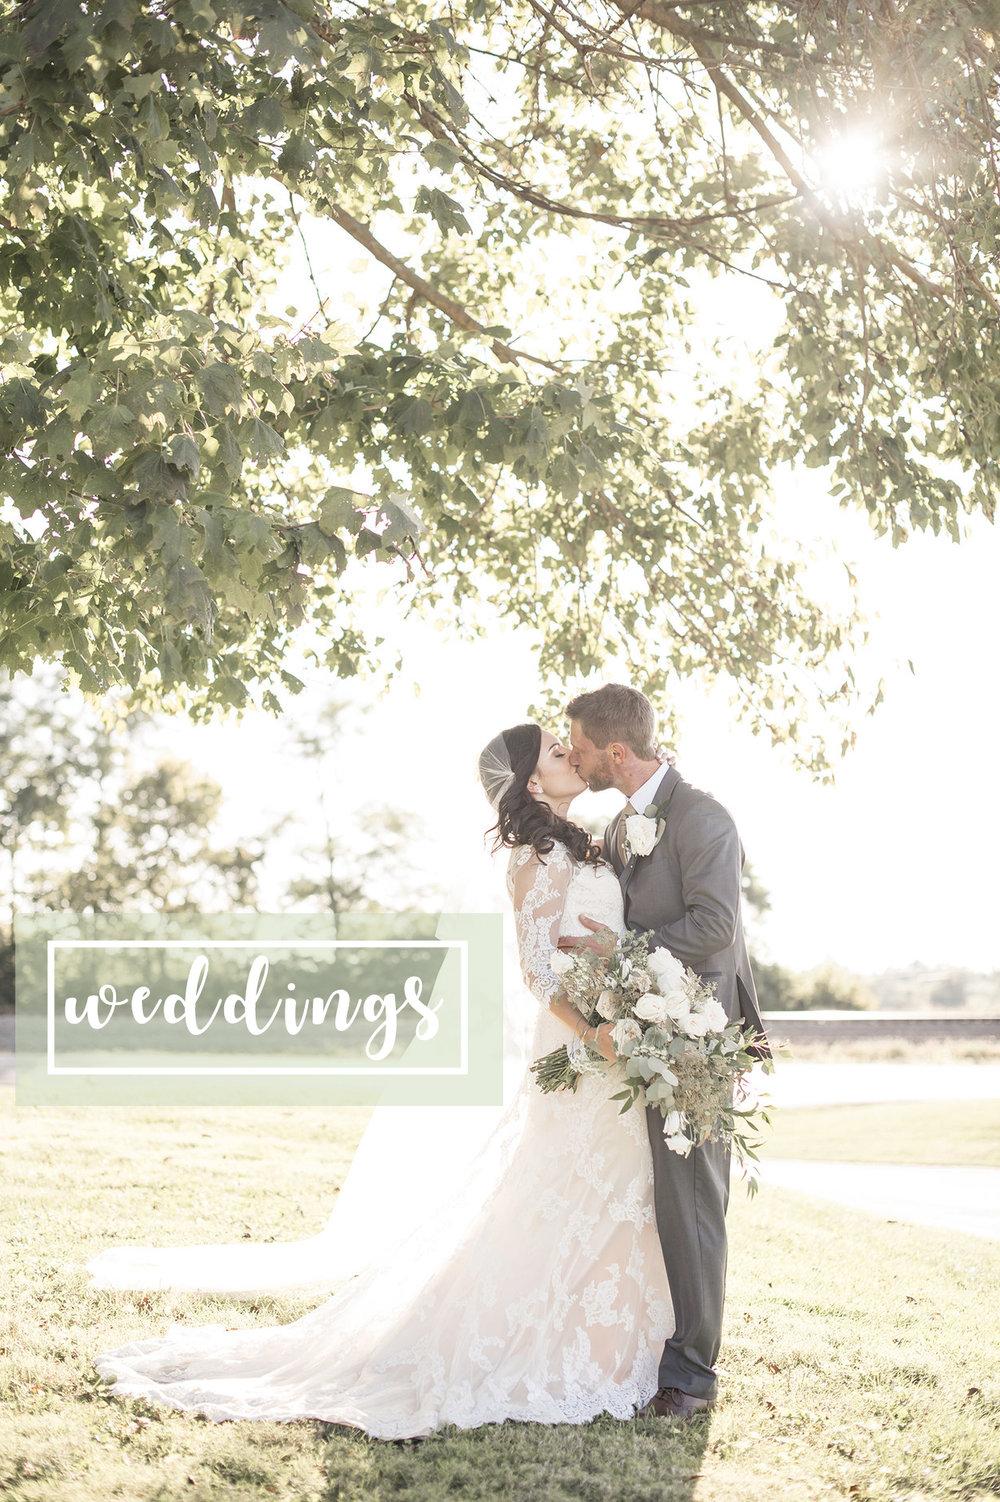 SJP_6751ed_weddingtext_lessY.jpg